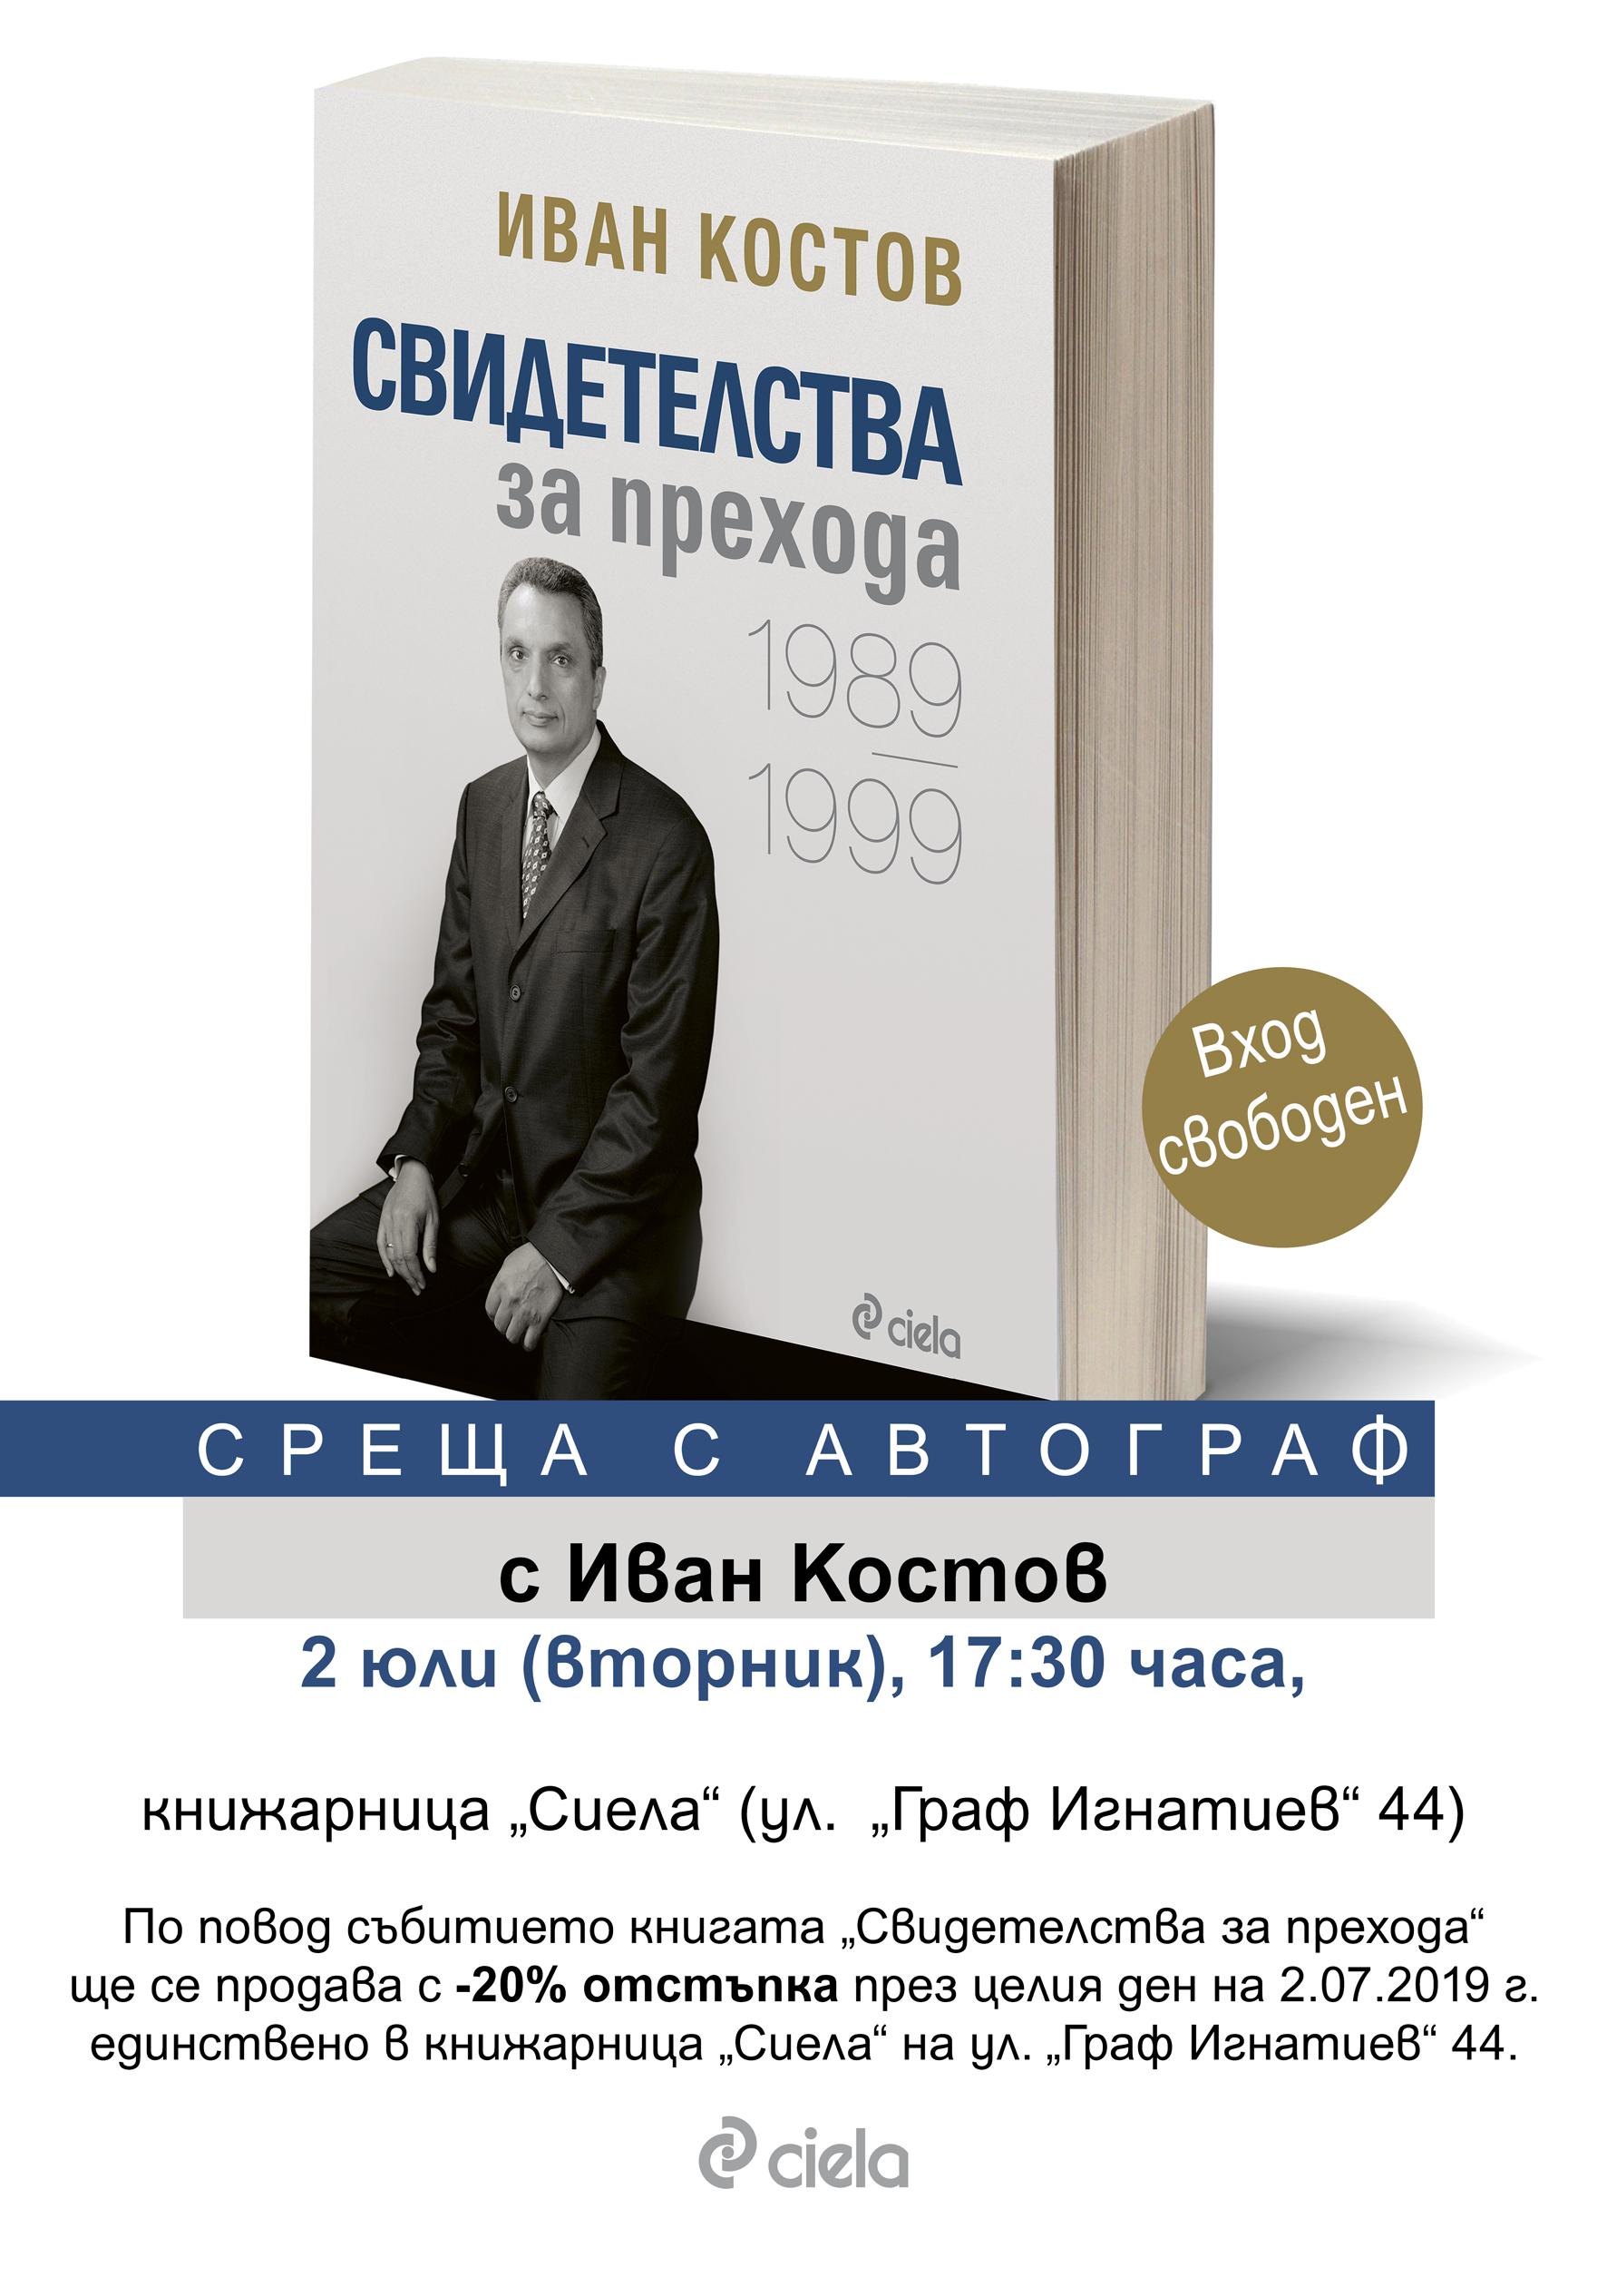 Среща с автограф с Иван Костов в София